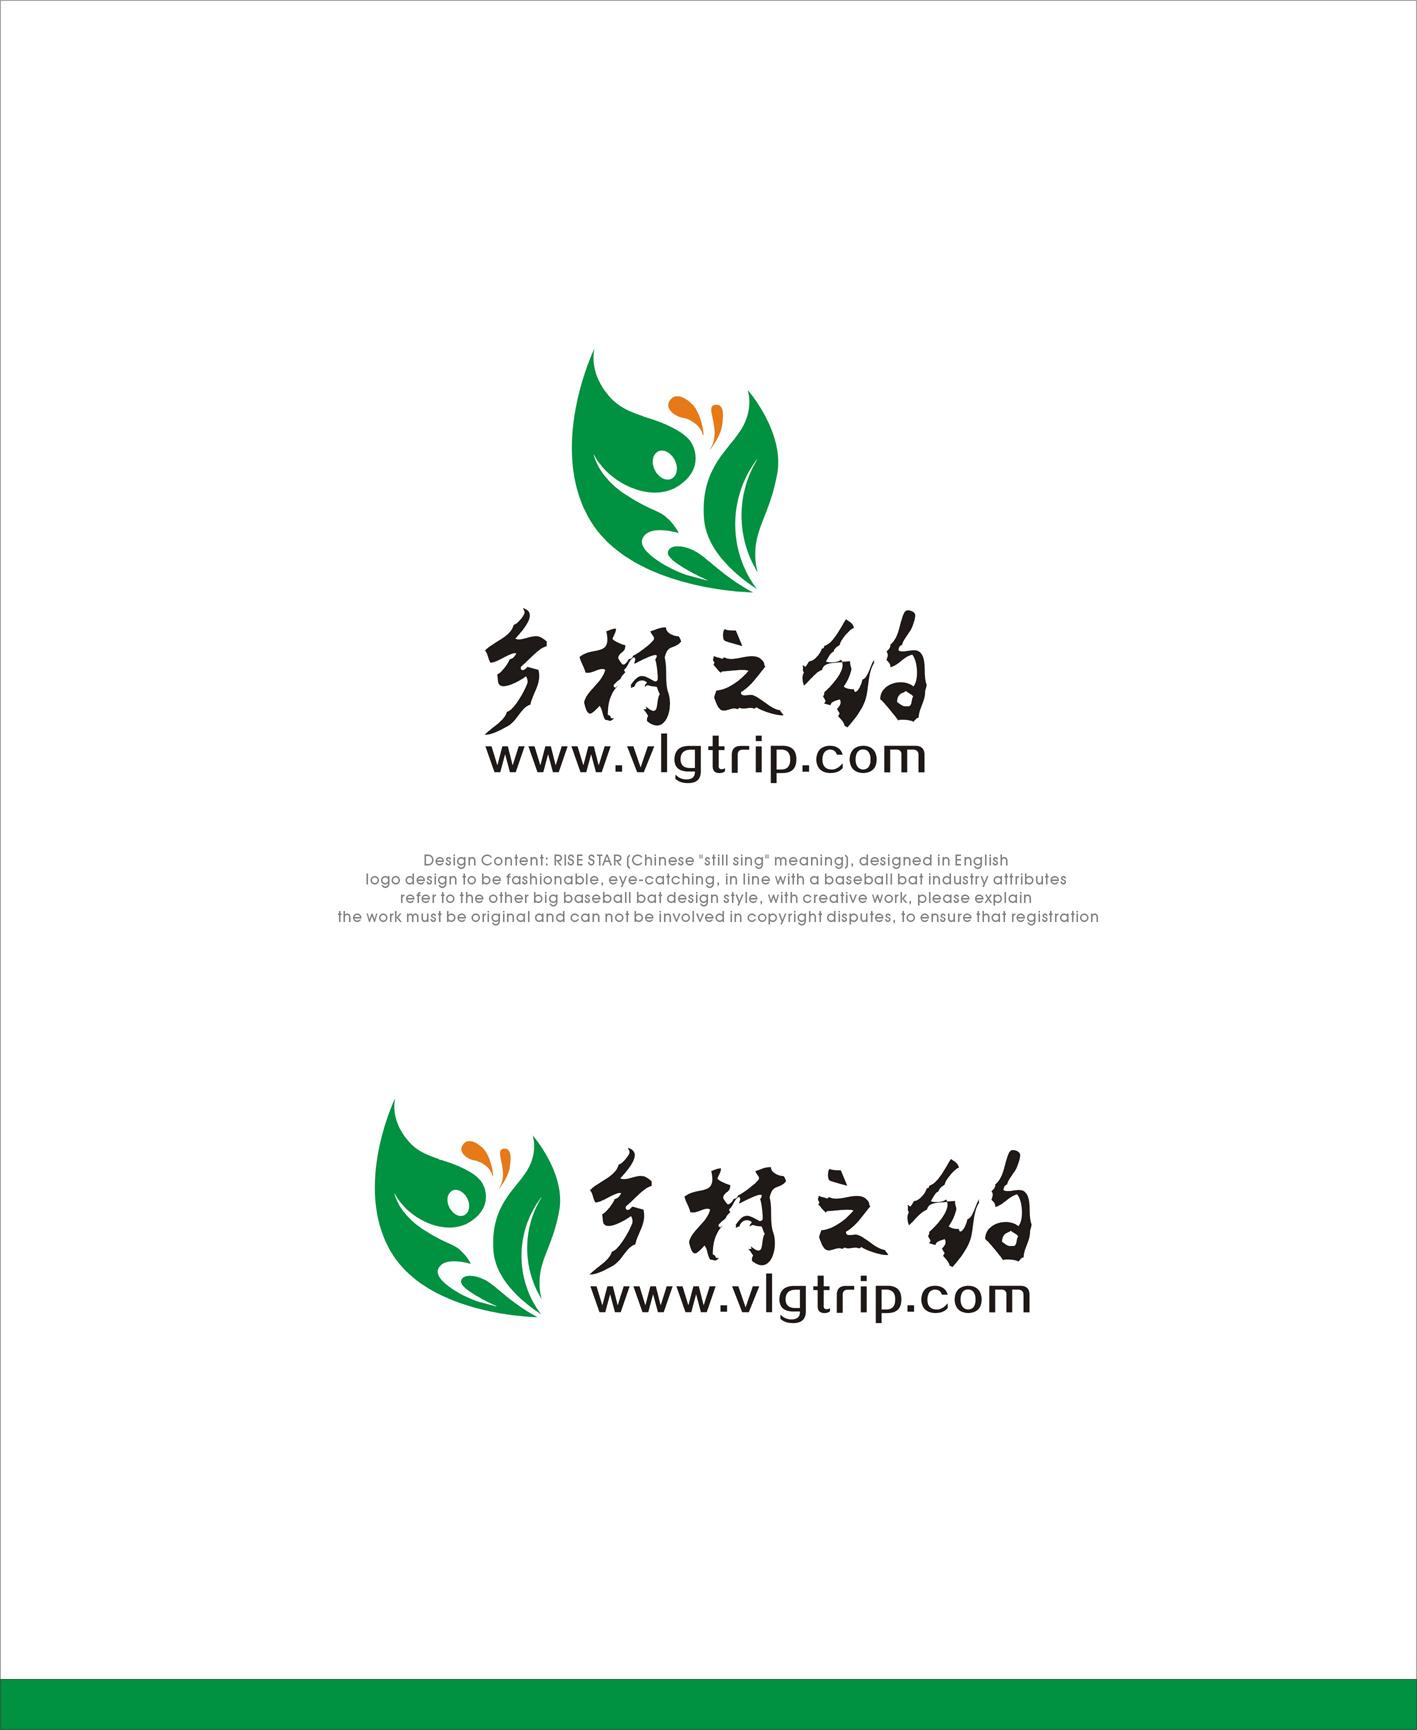 旅游网站logo设计_2788707